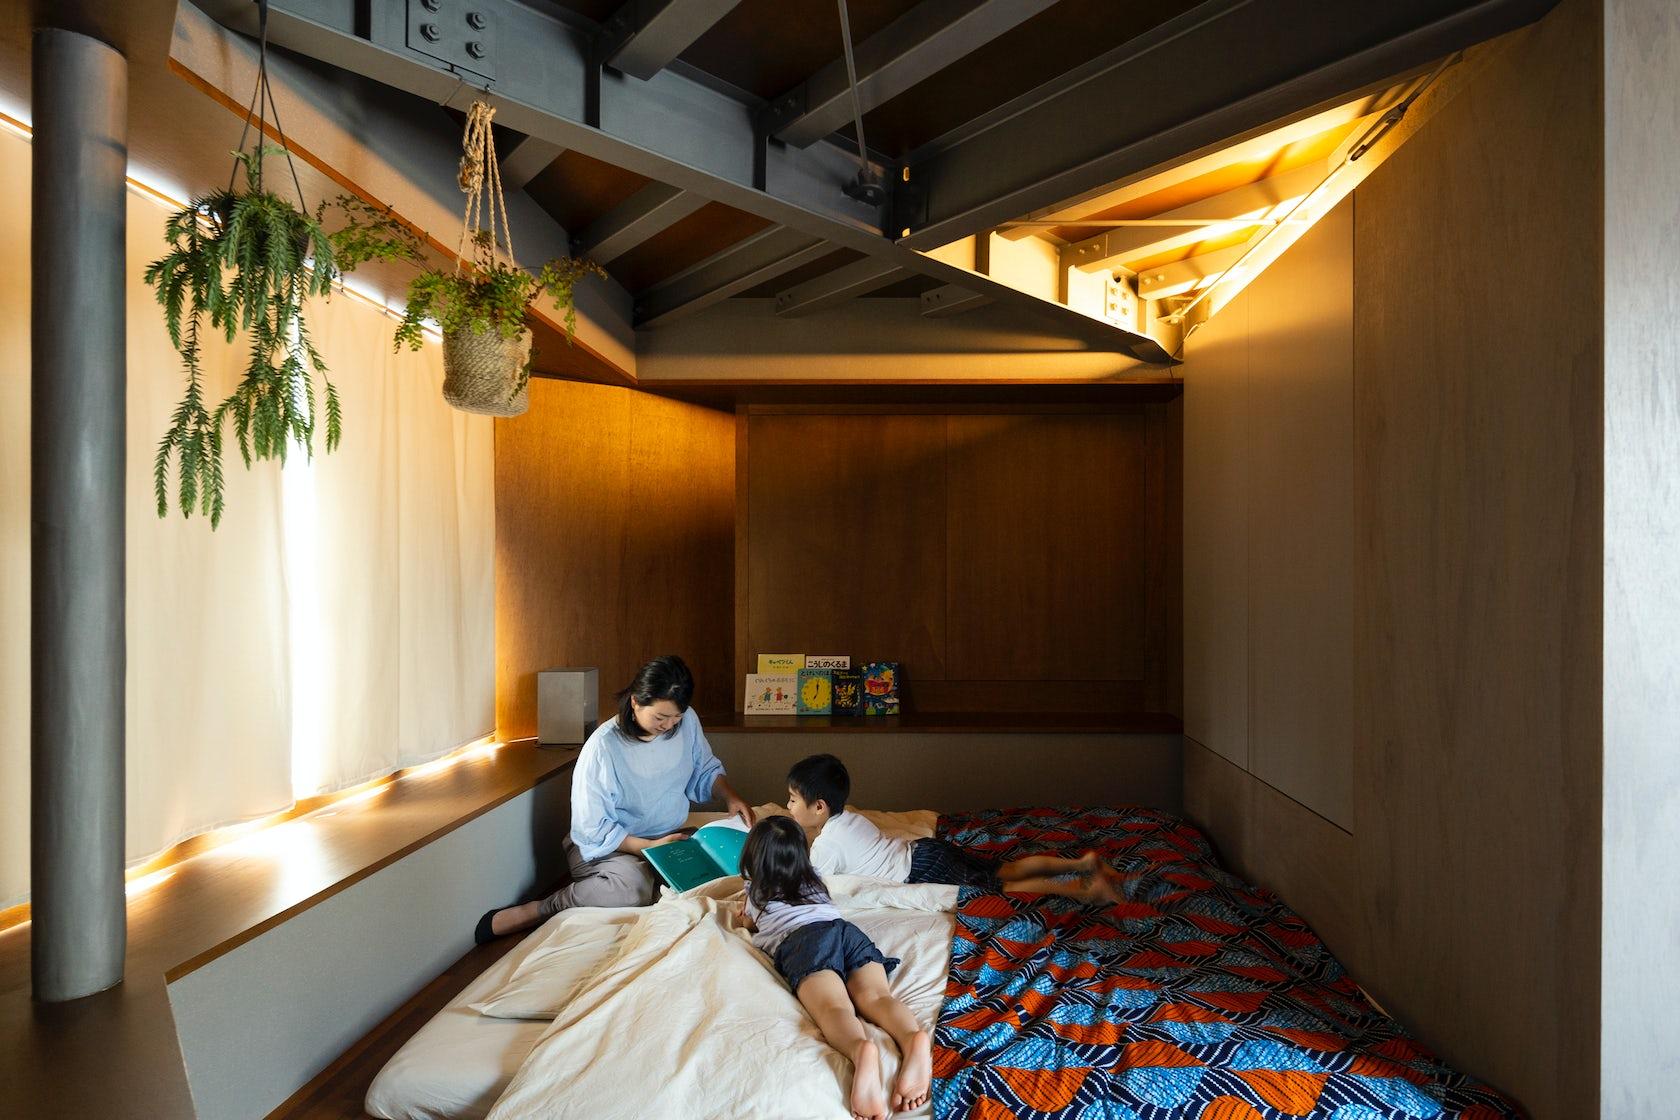 © Takaaki Fuji + Yuko Fuji Architecture